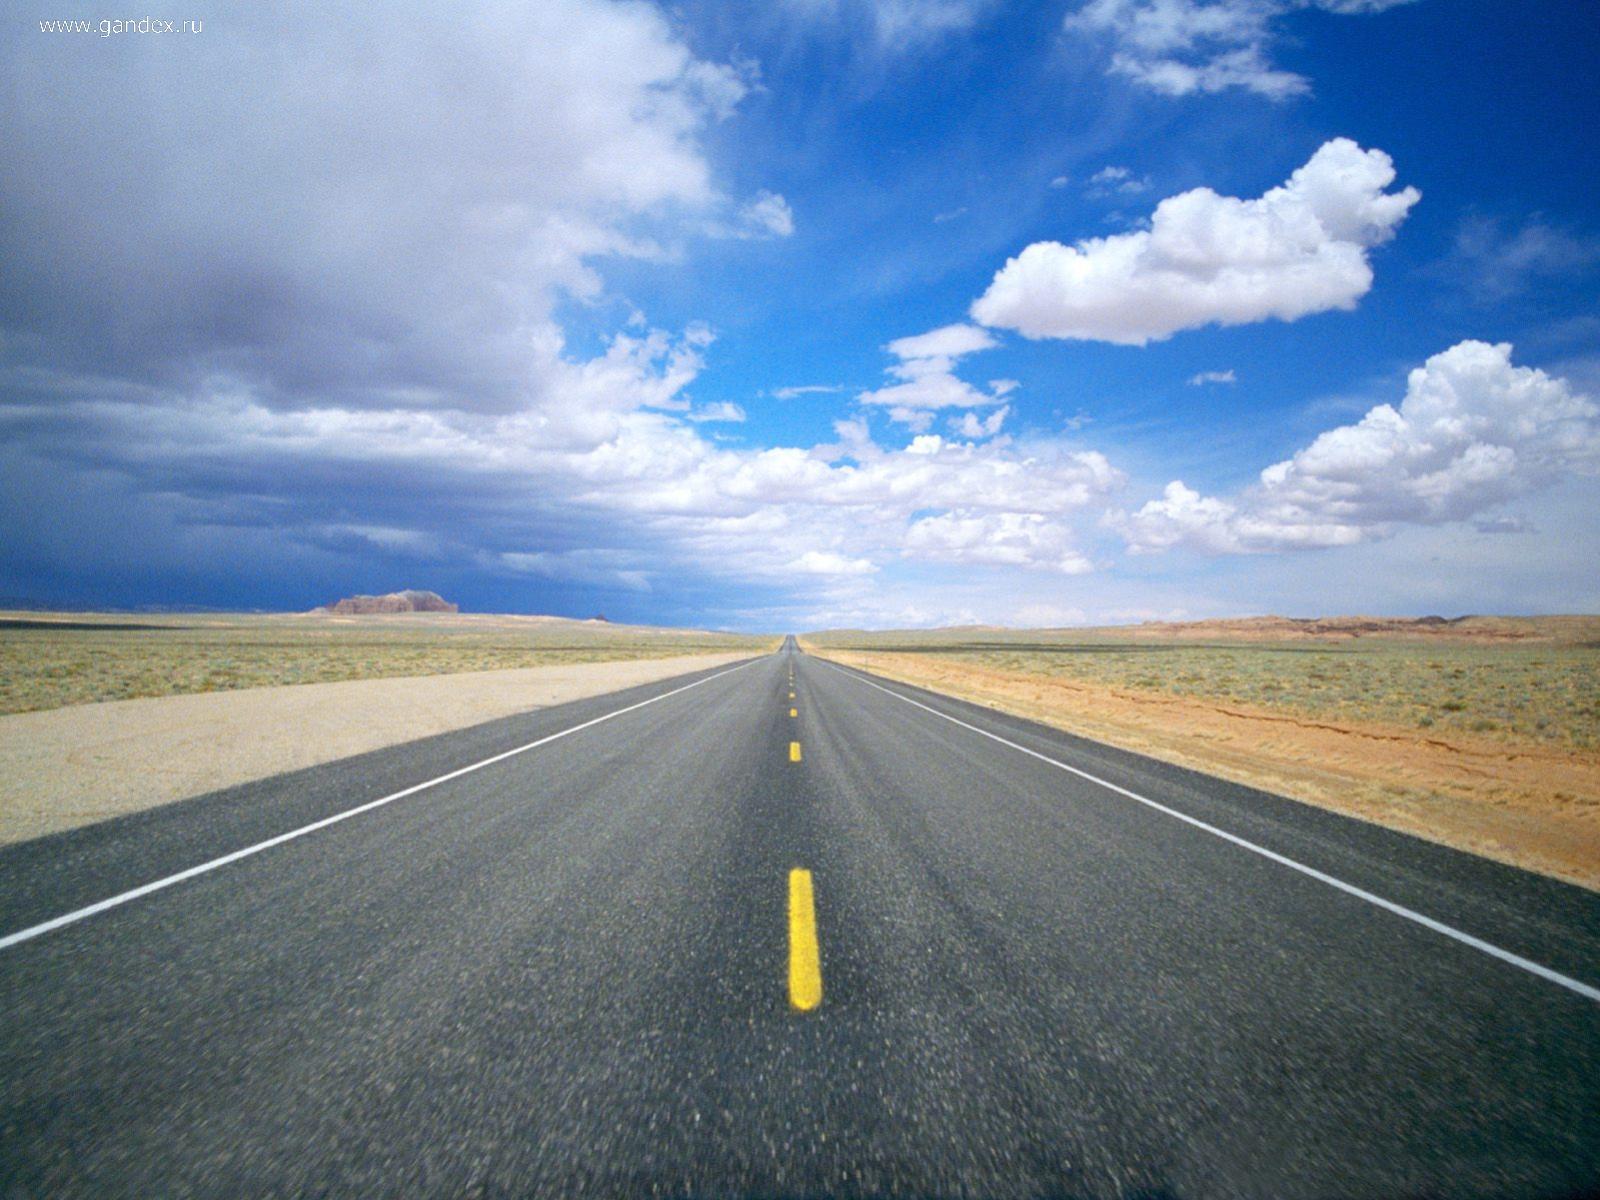 Картинка дороги с надписями